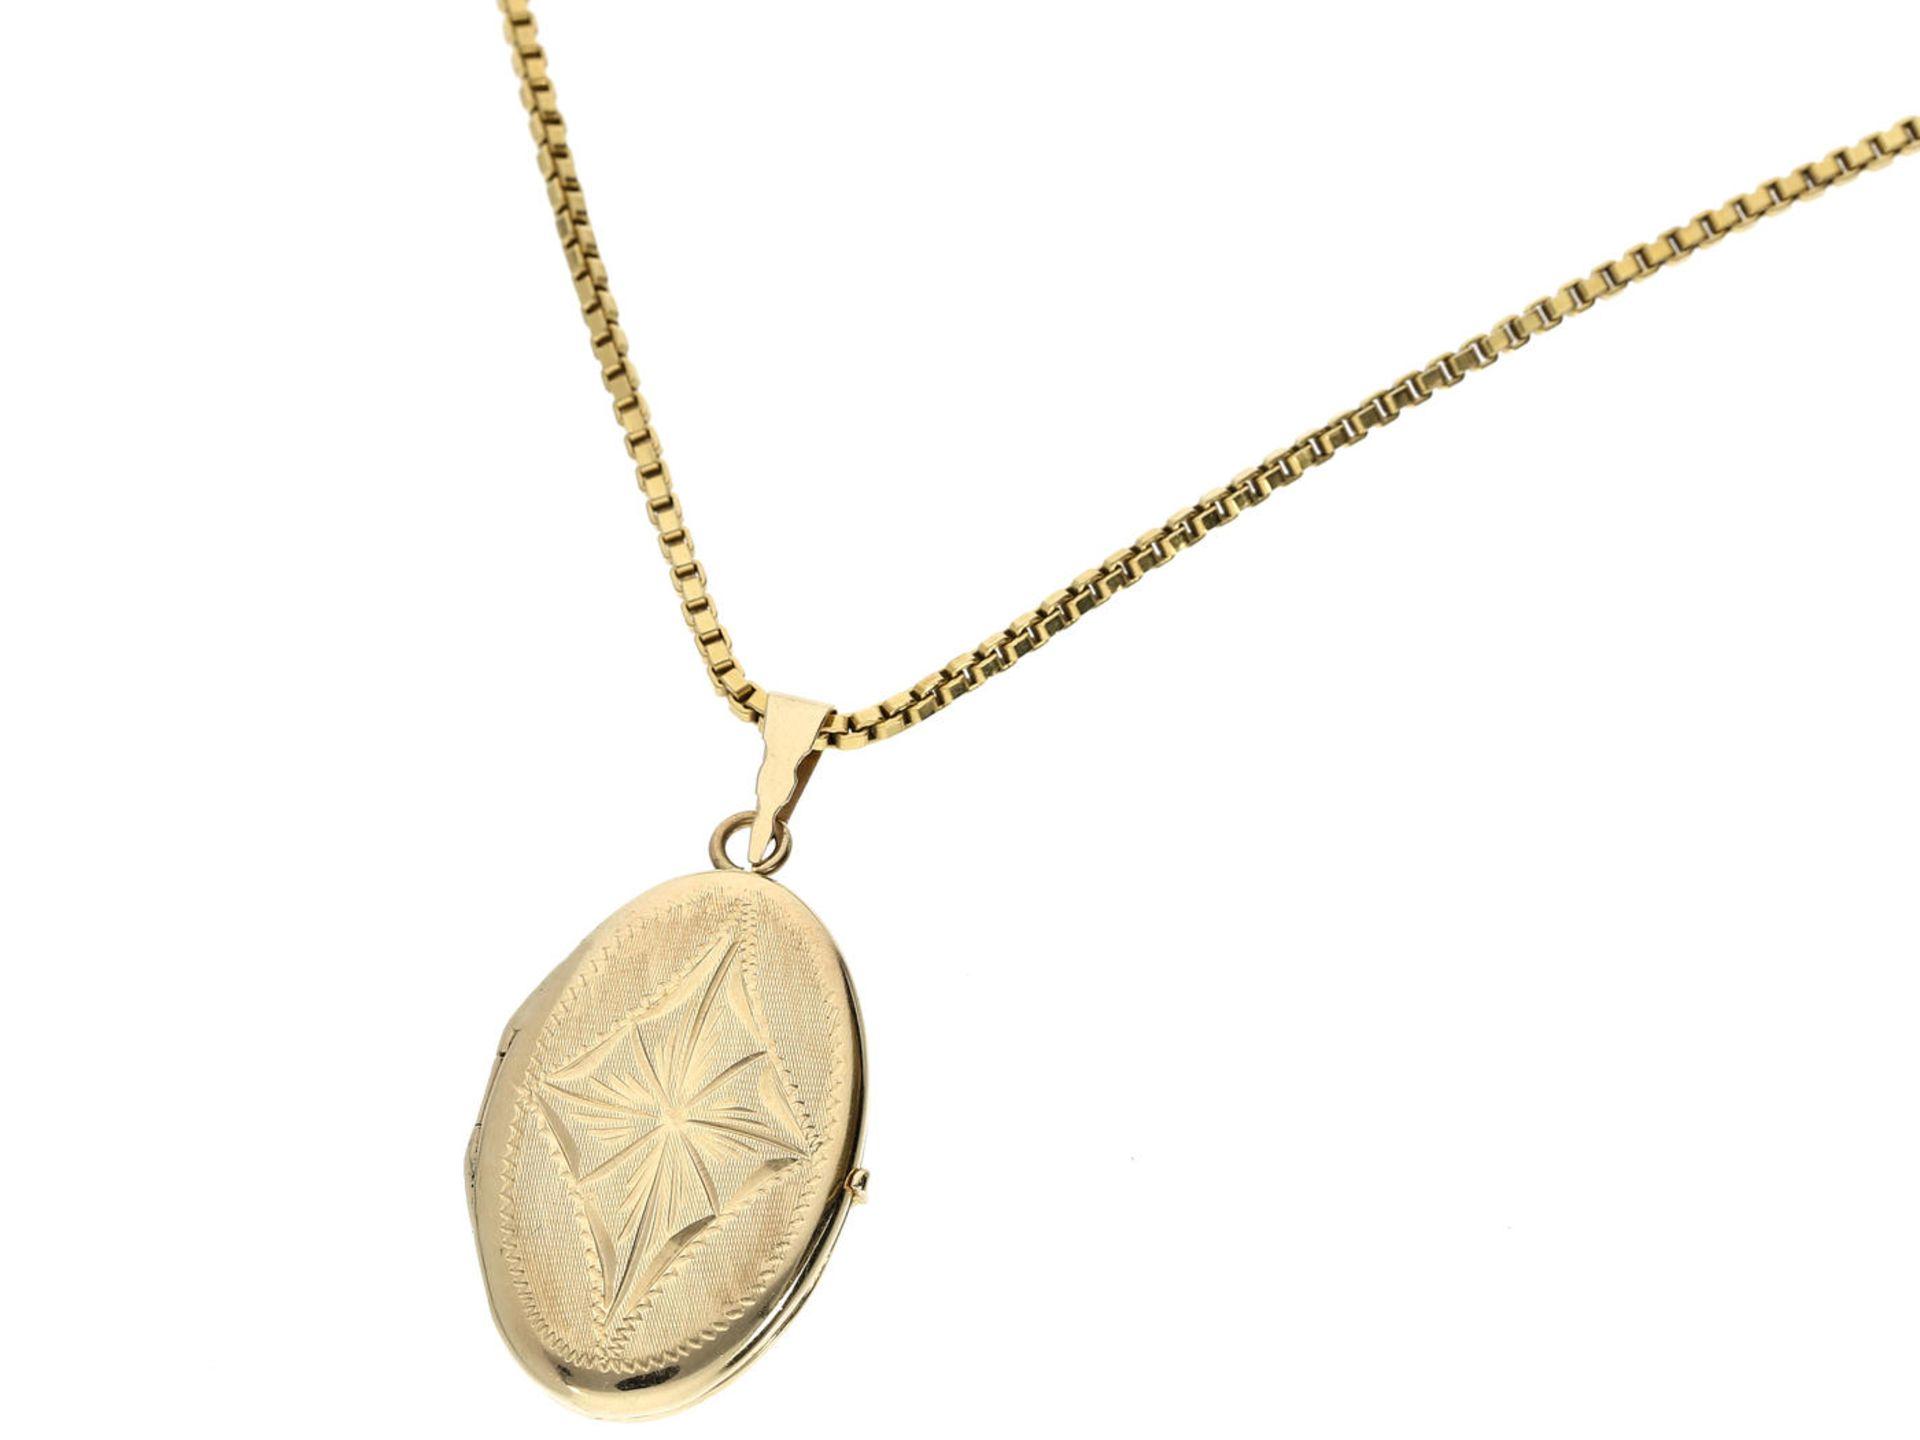 Kette/Anhänger: vintage Medaillon an langer Halskette, 14K Gold Kette ca. 60cm lang, Anhänger ca. - Bild 3 aus 3